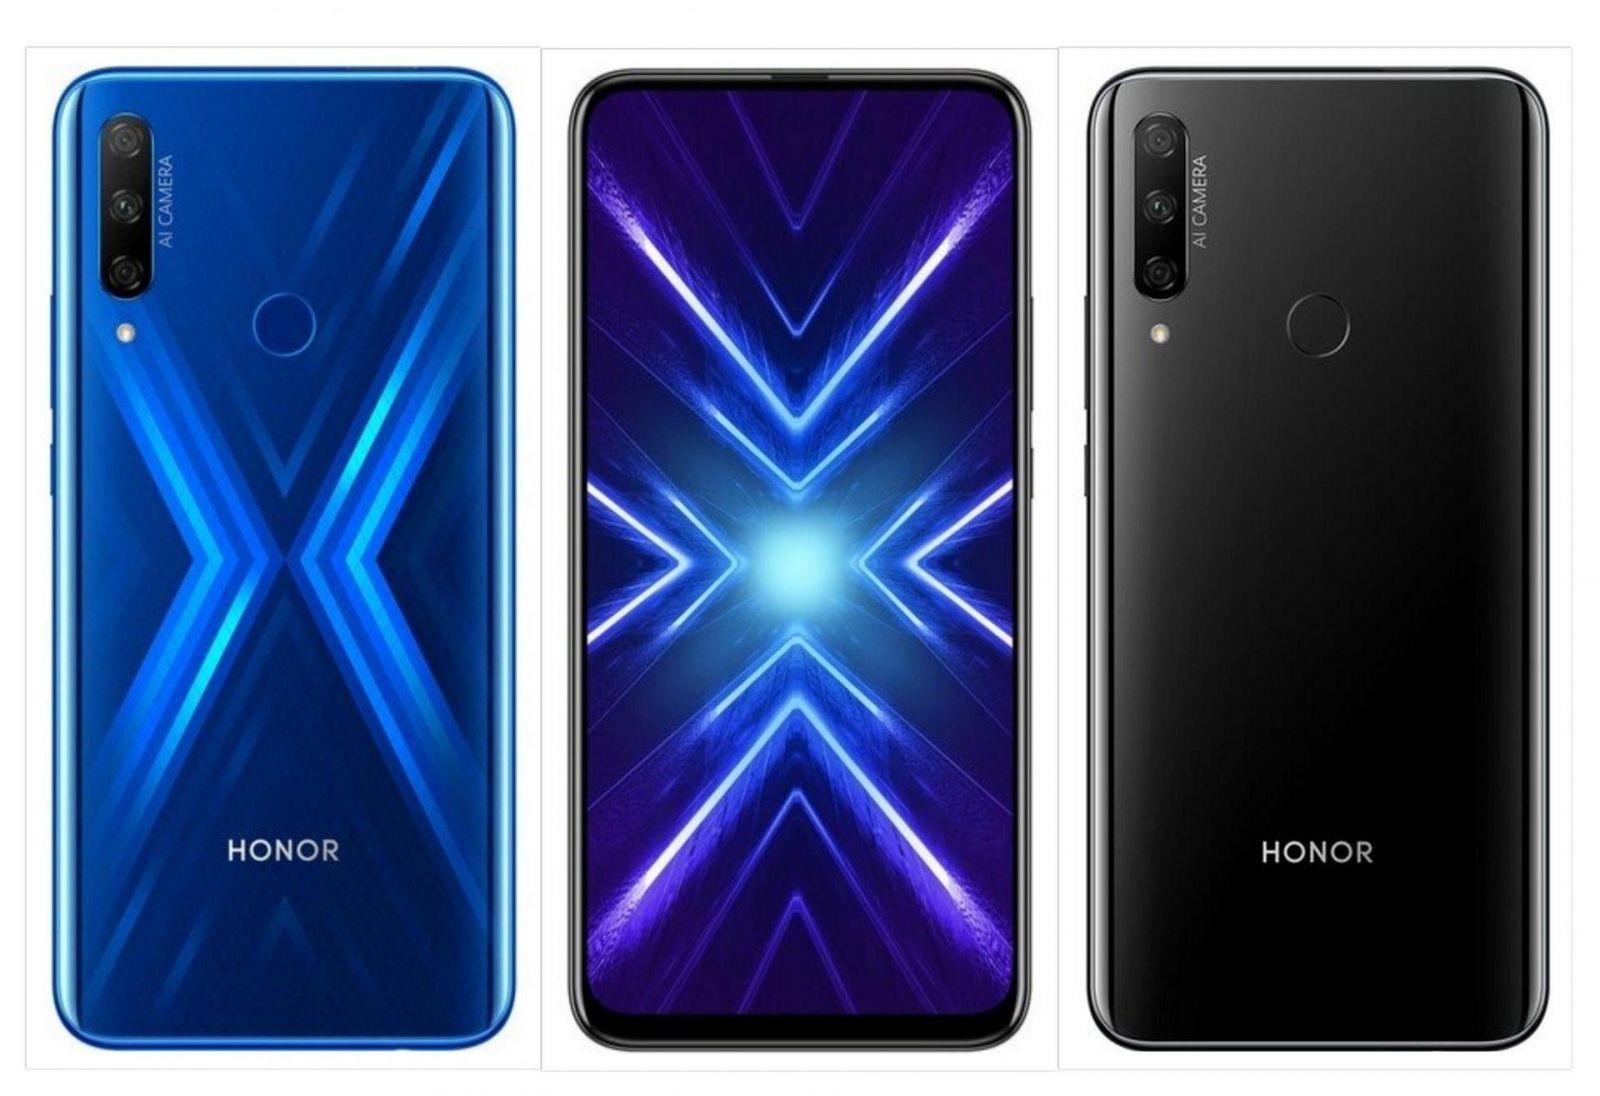 Российский Honor 9X будет лучше, чем китайский: на одну камеру больше и Honor Band 5 в подарок (eghdzhtvaaiivd large)